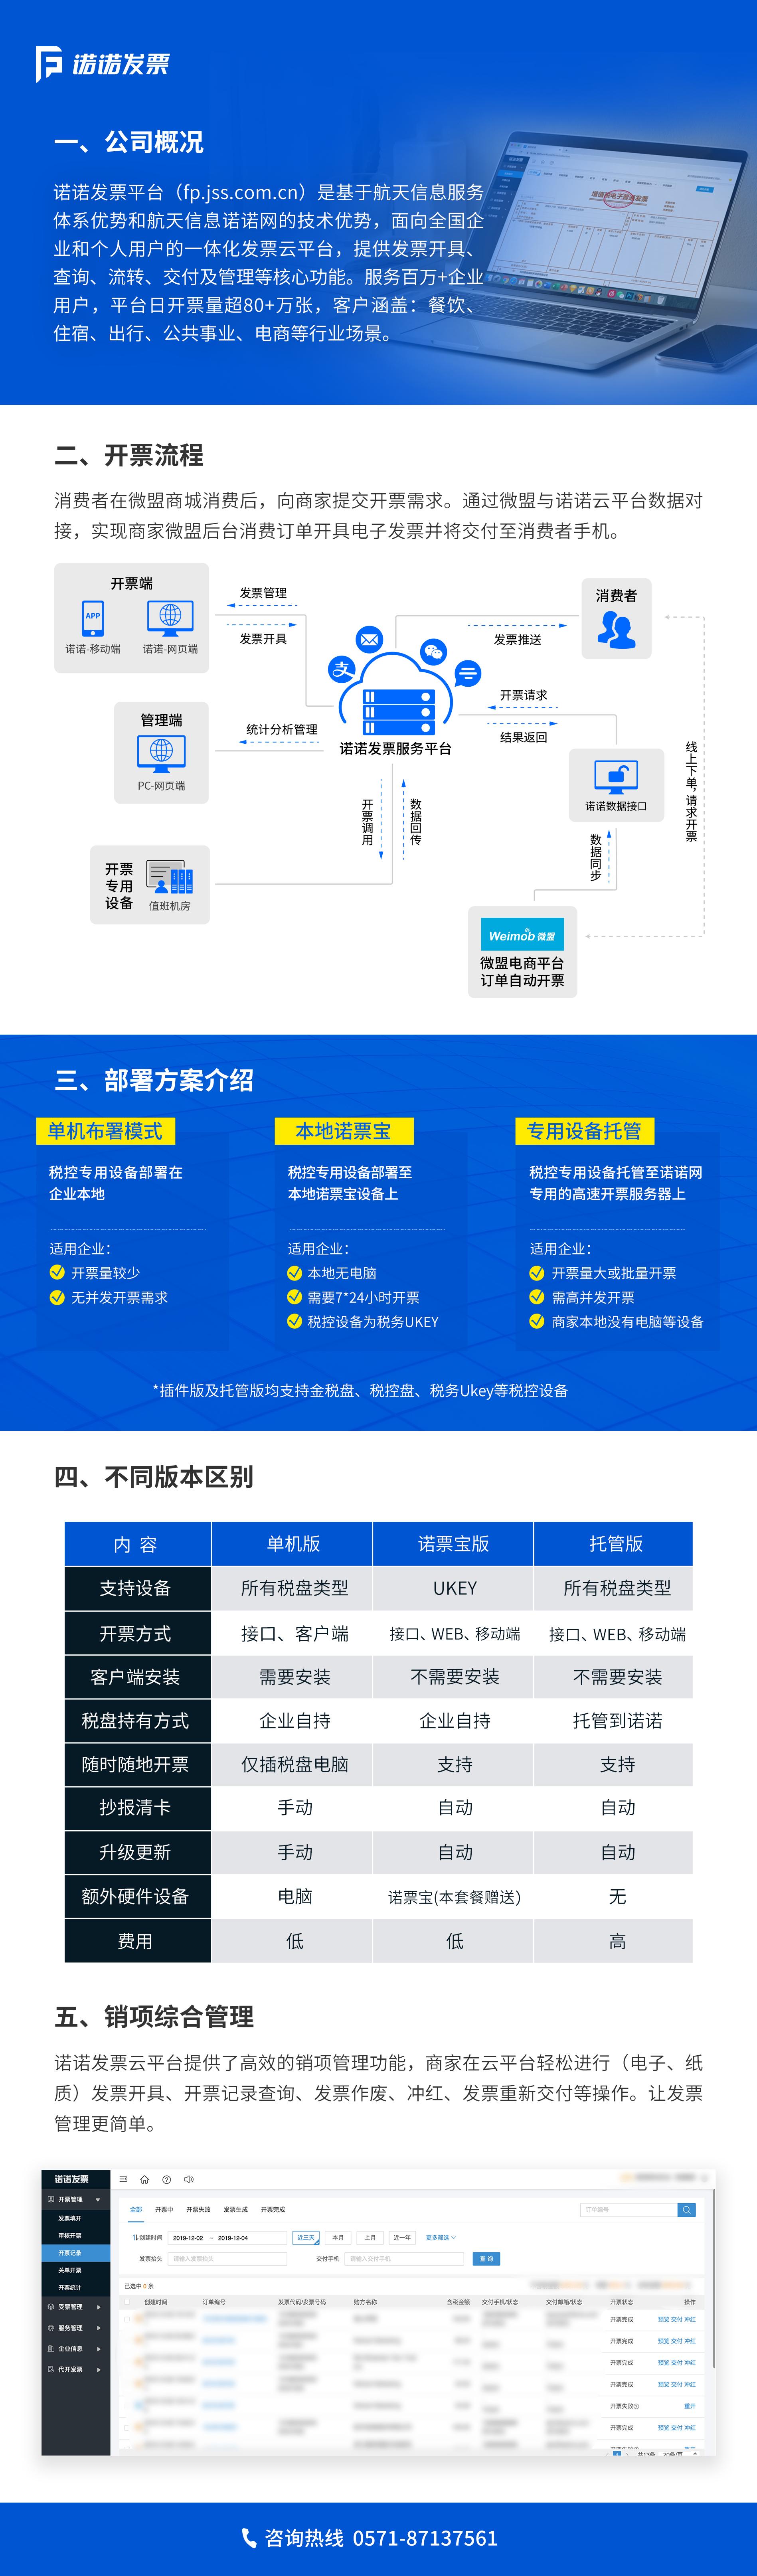 微盟服务市场详情页长图设计新.jpg